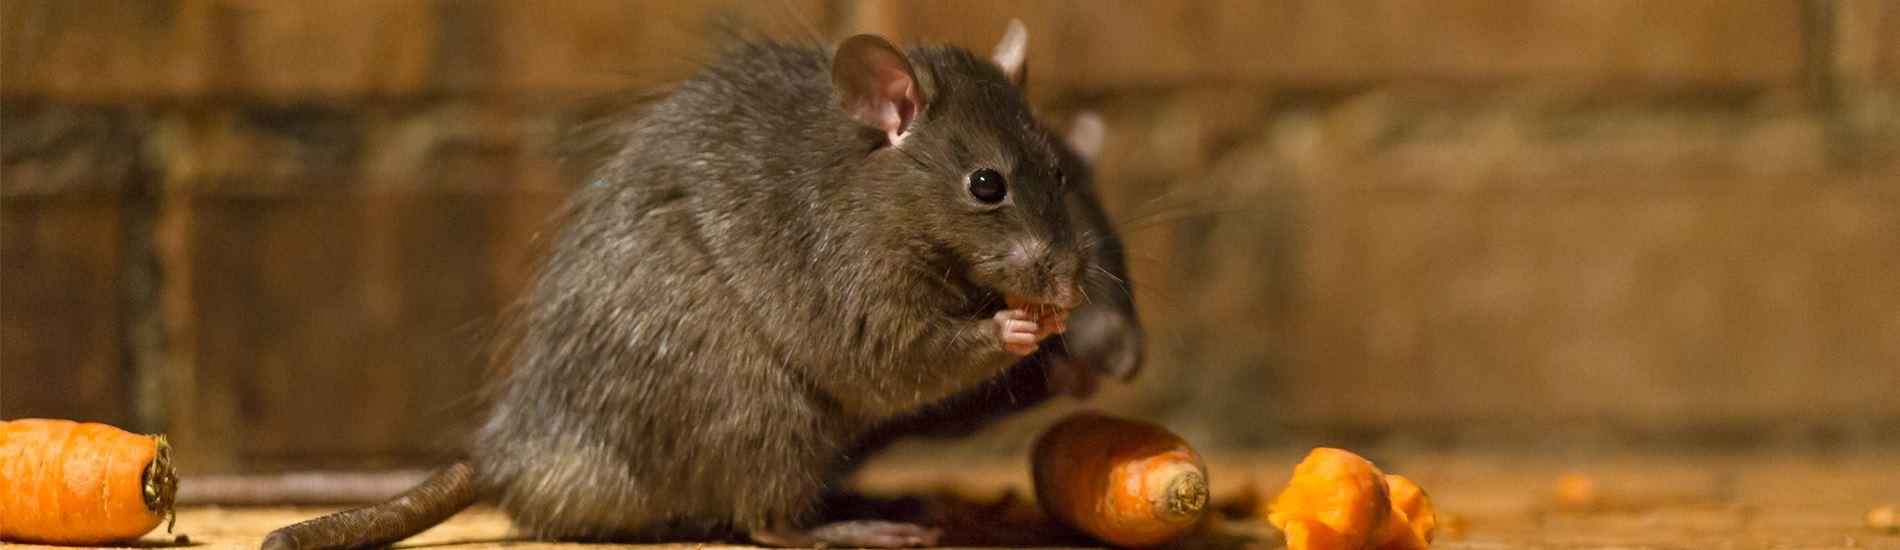 rodent_slide